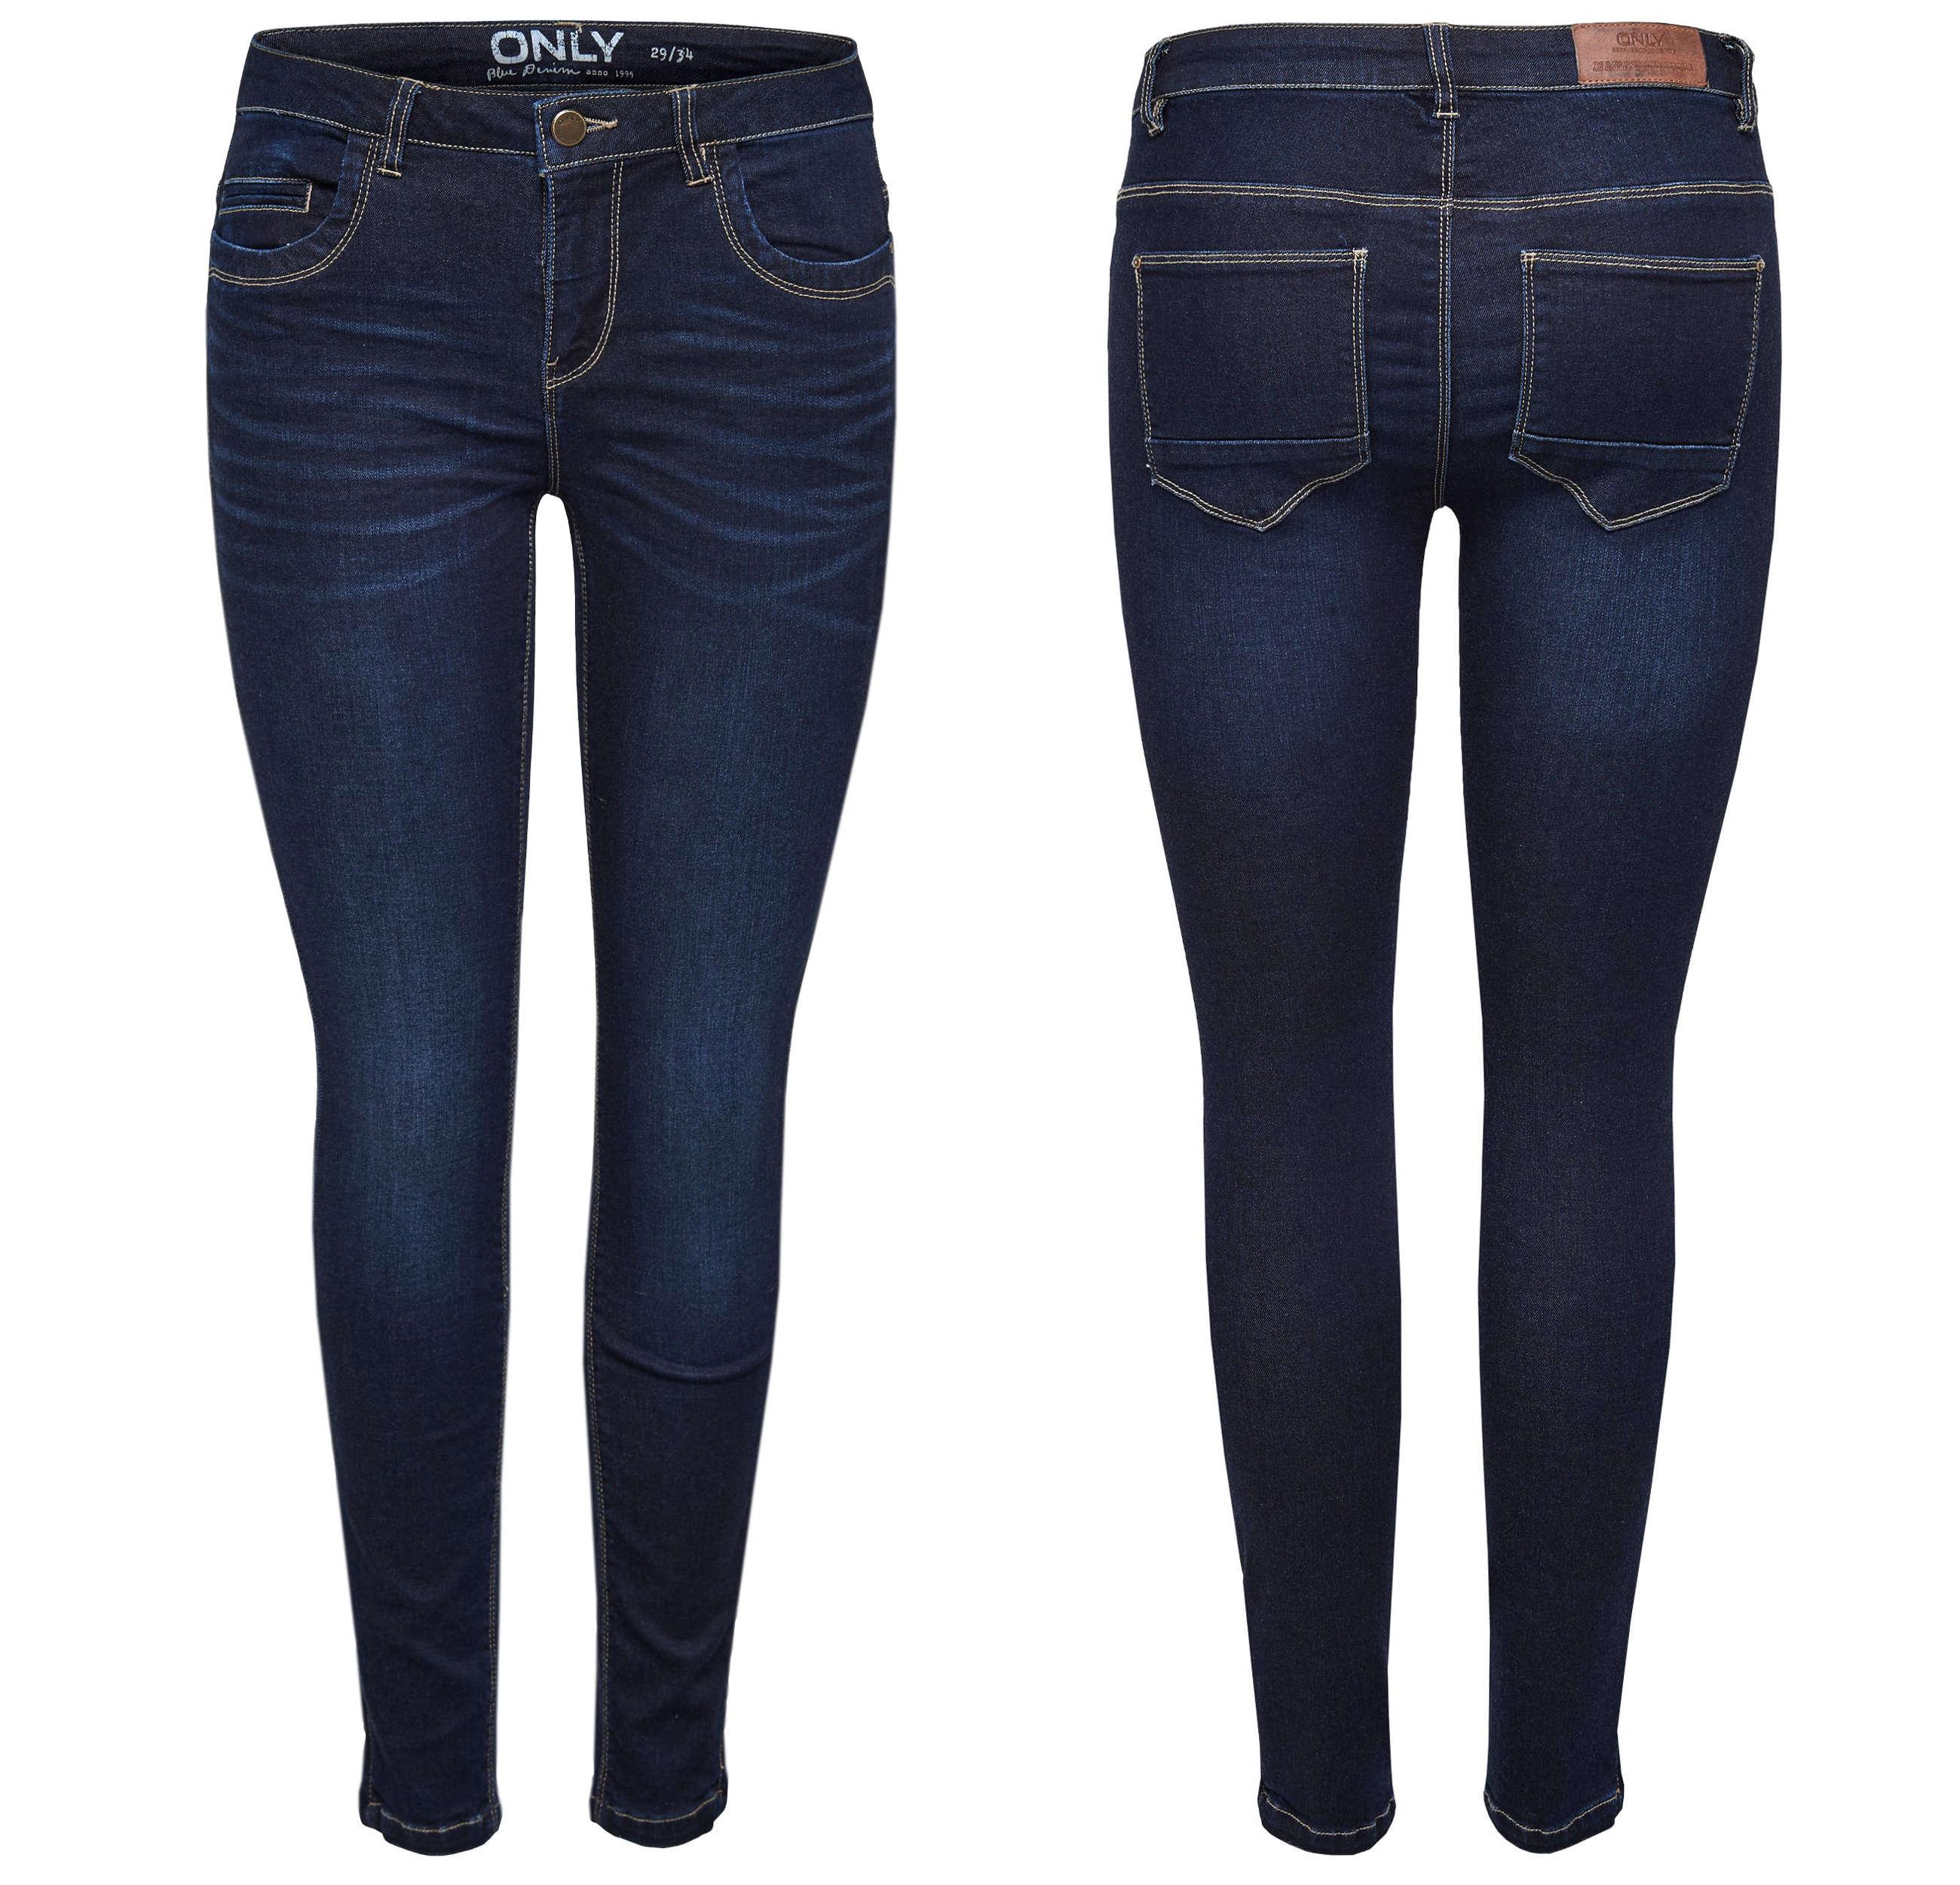 ONLY Damen Jeans Hose onlKENDELL REG ANK BJ9511 NOOS Ankle dunkelblau denim 3aa1d476b6